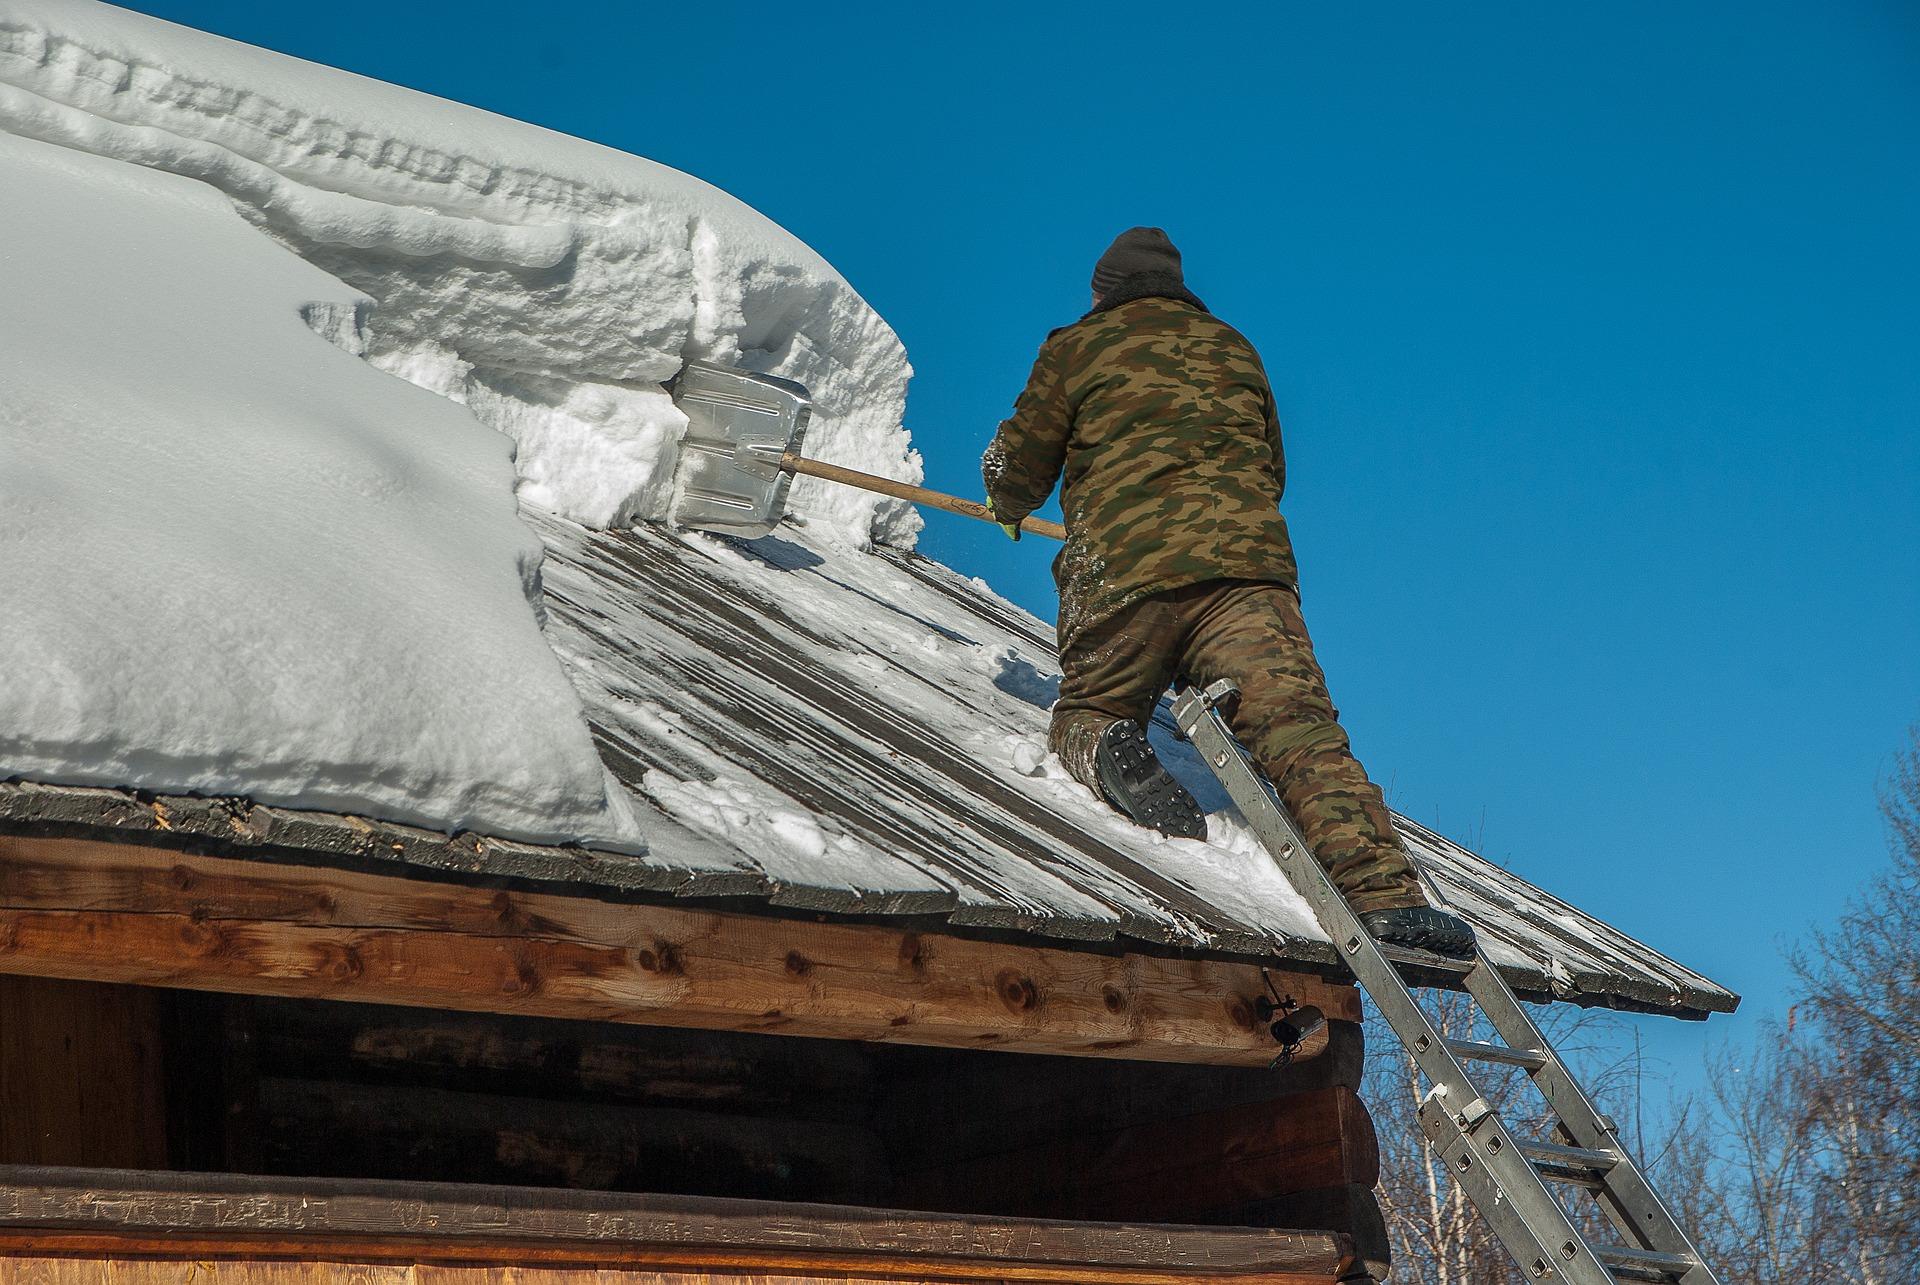 Déneiger le toit de la maison